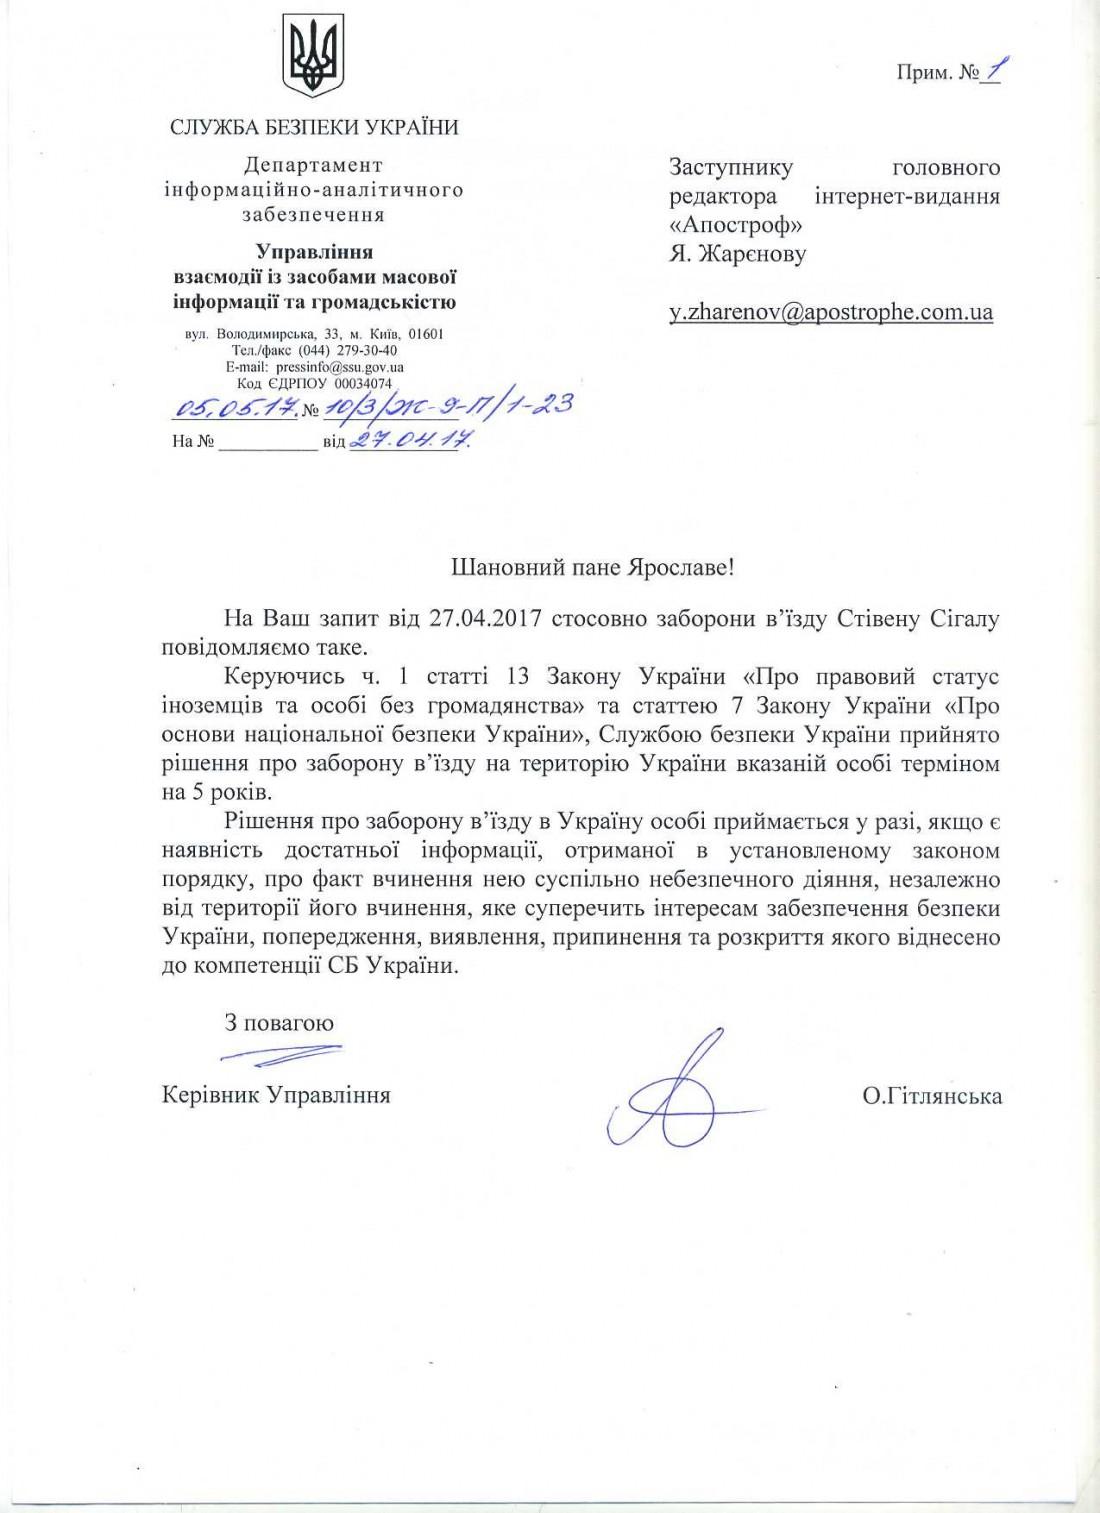 Запрет на въезд в СБУ Стивена Сигала